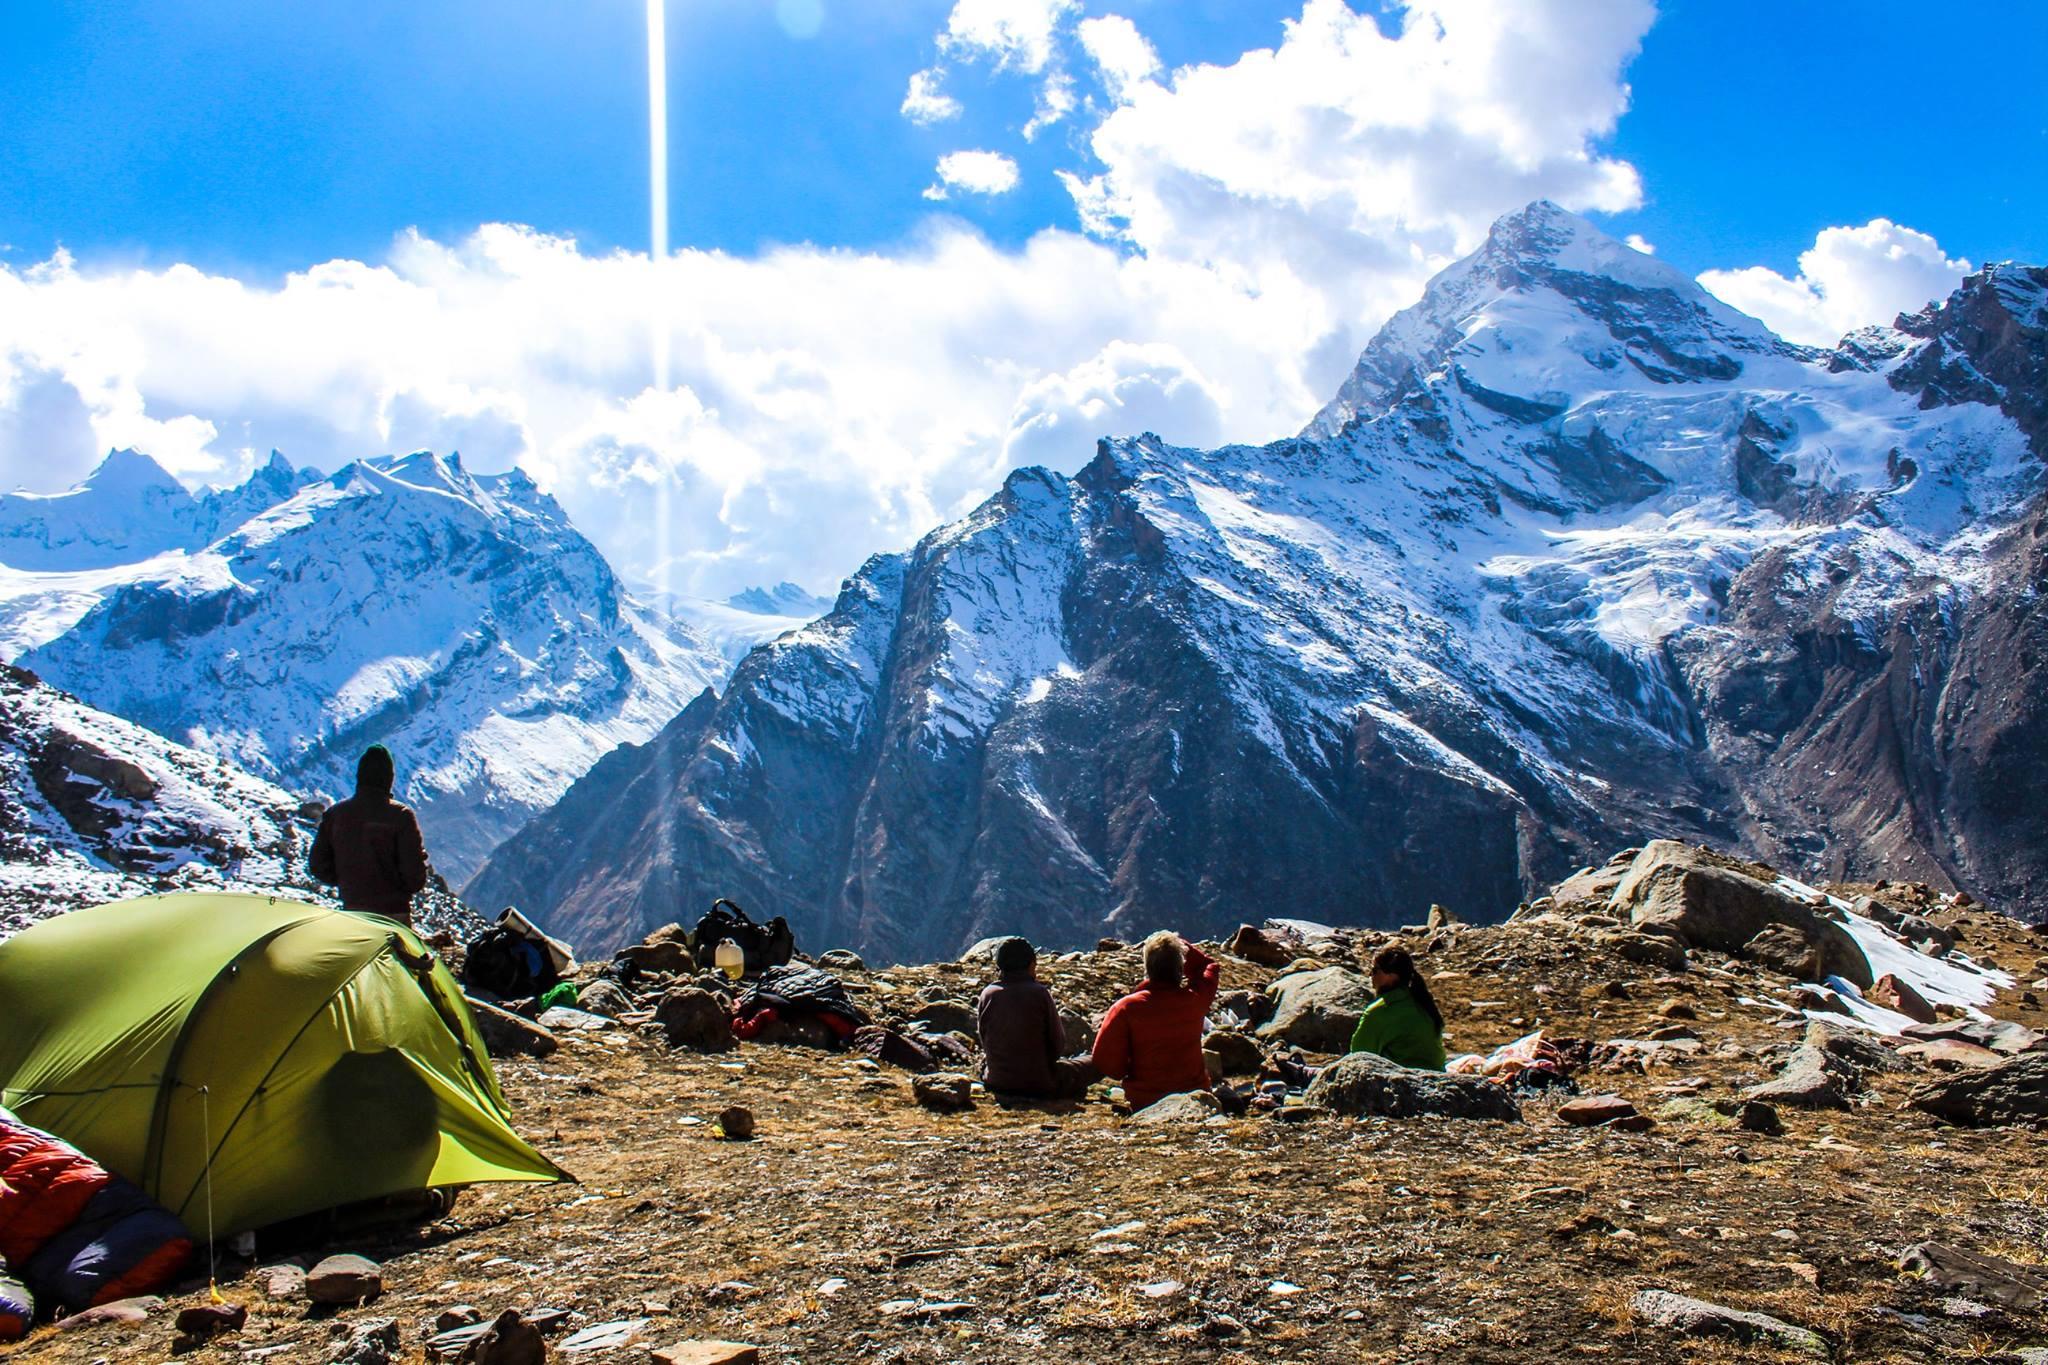 trekker resting at base camp in pin parvati pass trek lokking at the himalyan mountain ranges